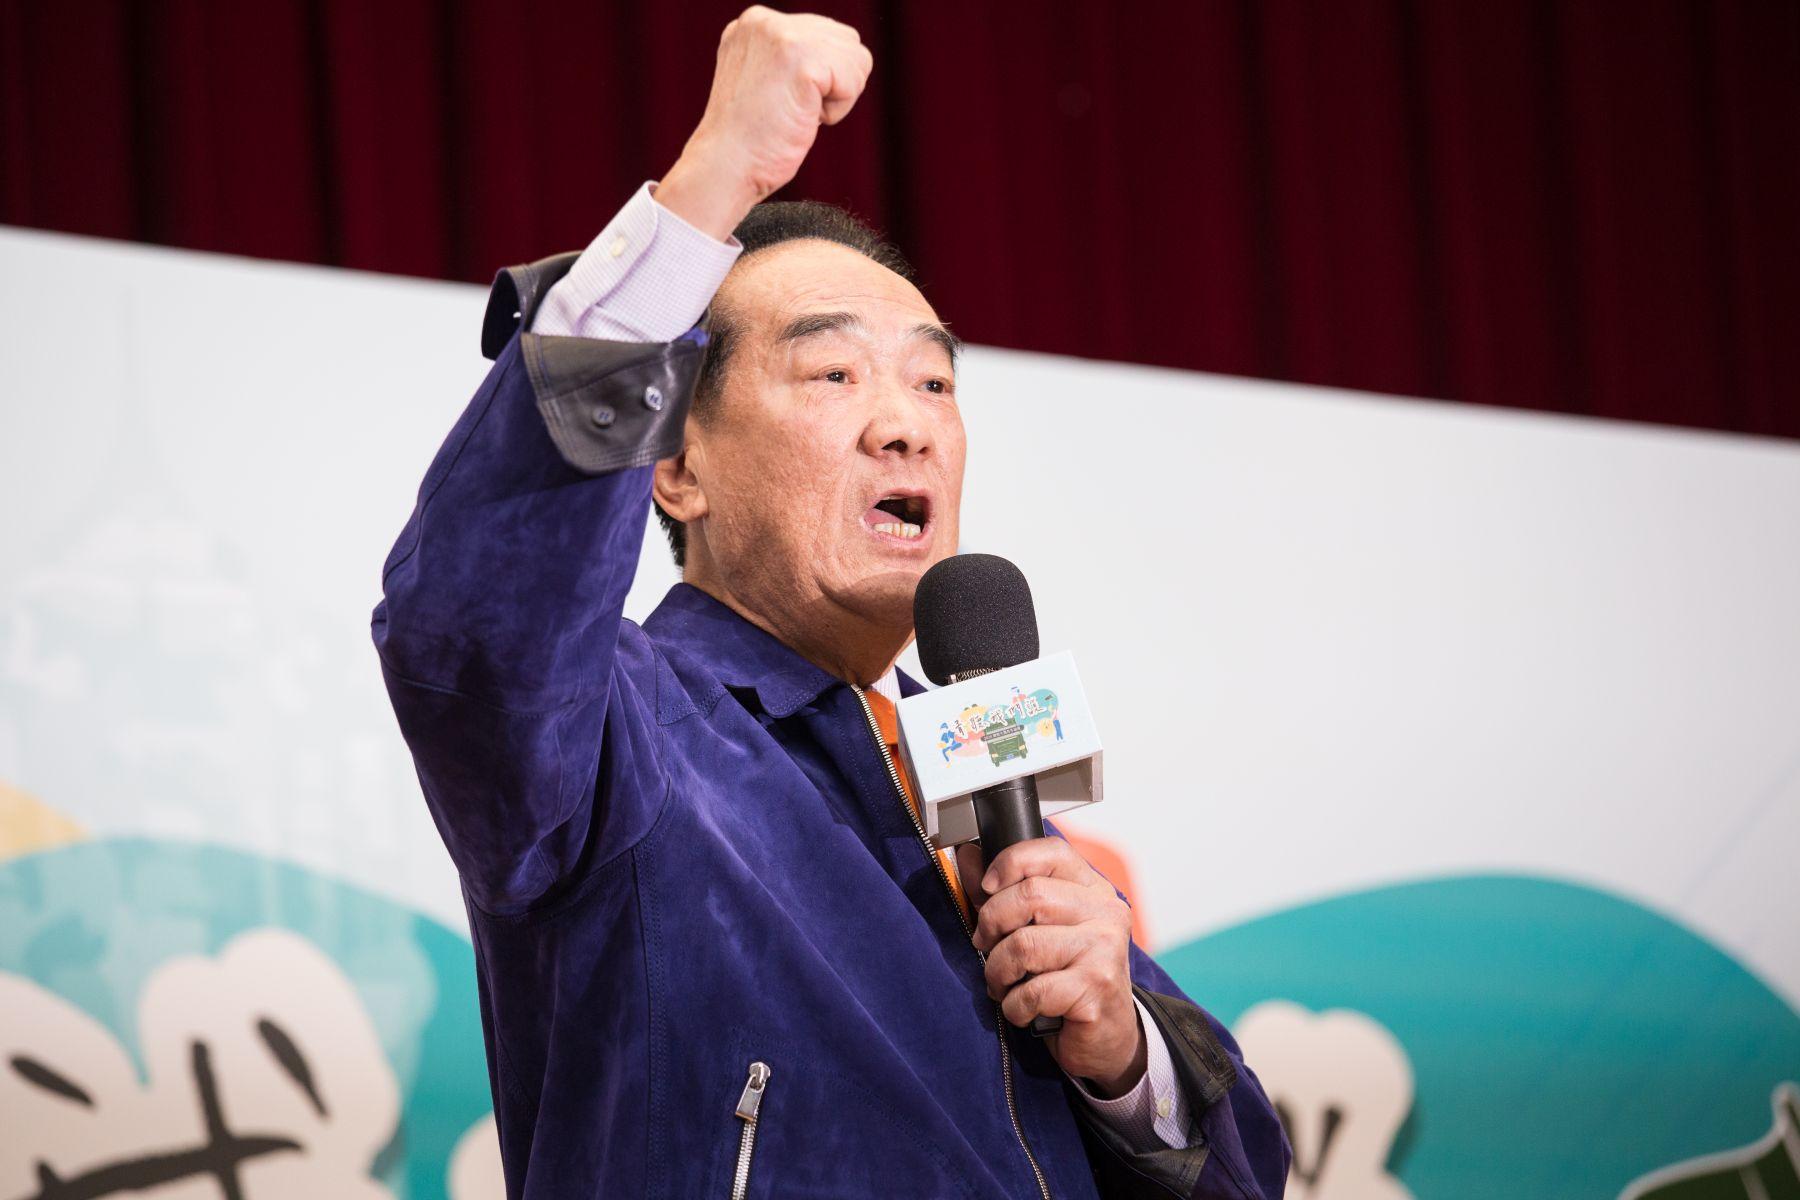 與青年對談 宋楚瑜:台灣不需要強人,需要堅強領導人